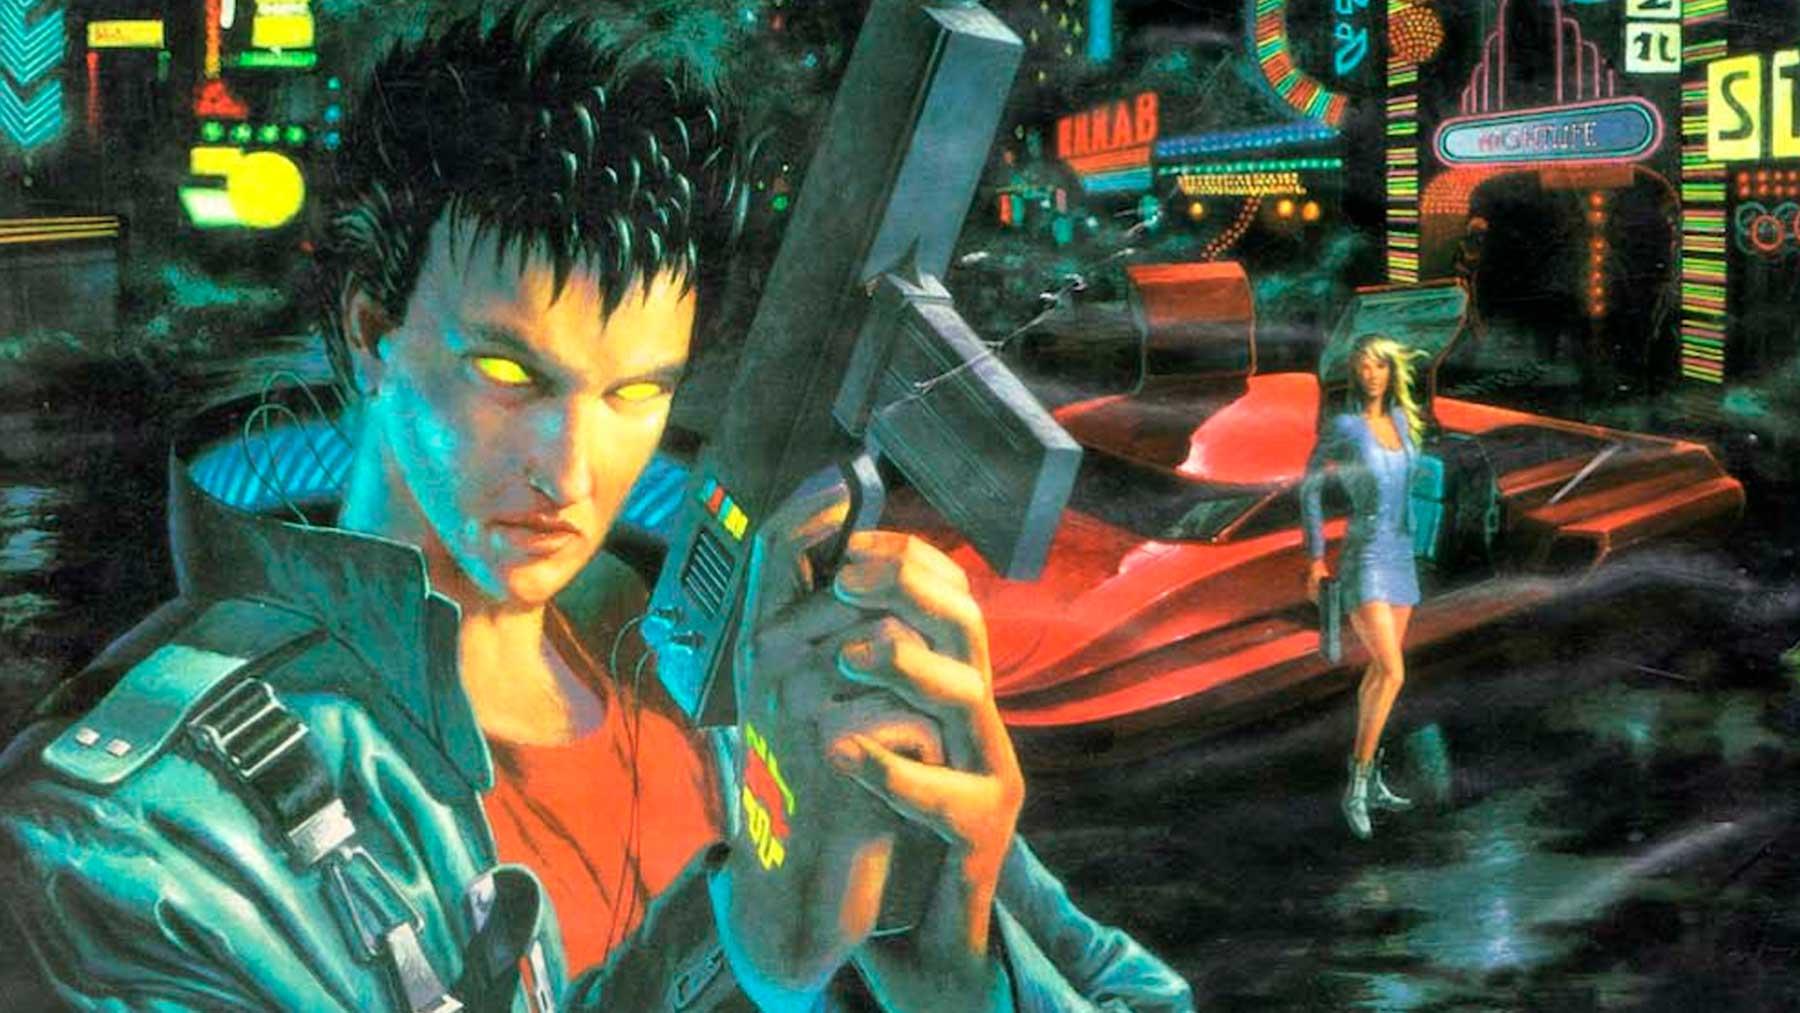 La portada de la edición en castellano de 'Cyberpunk 2020', publicada en 1993.